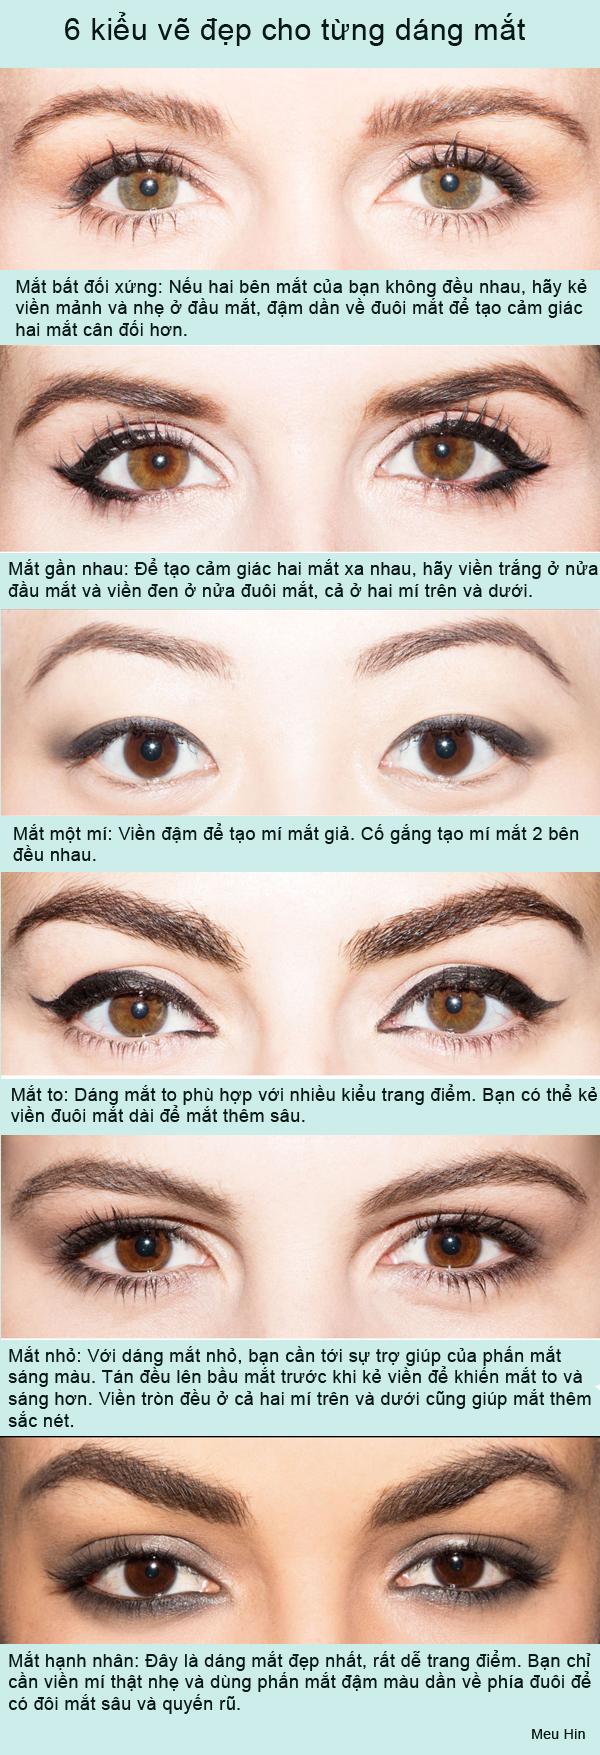 6-cach-ke-eyeliner-cho-tung-dang-mat